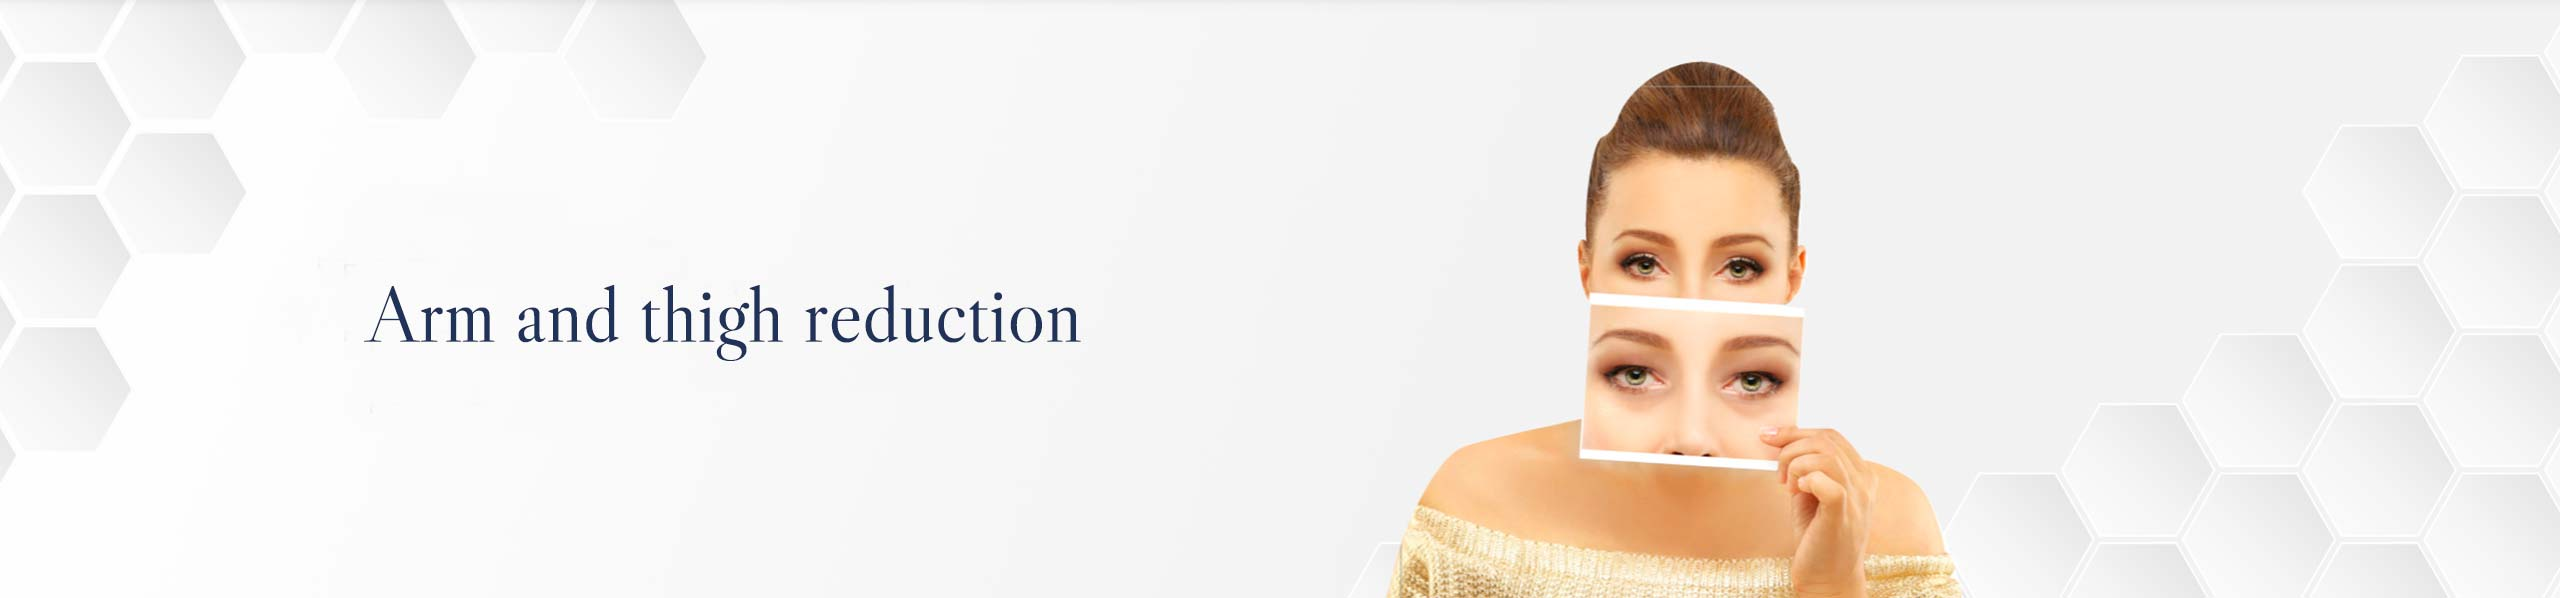 Eastern Plastic Surgery Melbourne - 墨尔本整形,整形, 整形医生, 双眼皮手术, 割双眼皮, 澳洲双眼皮手术, 韩式双眼皮手术, 开眼角, 隆鼻手术, 鼻综合, 缩鼻翼, 墨尔本隆鼻, 自体脂肪填充, 隆胸, 墨尔本隆胸,